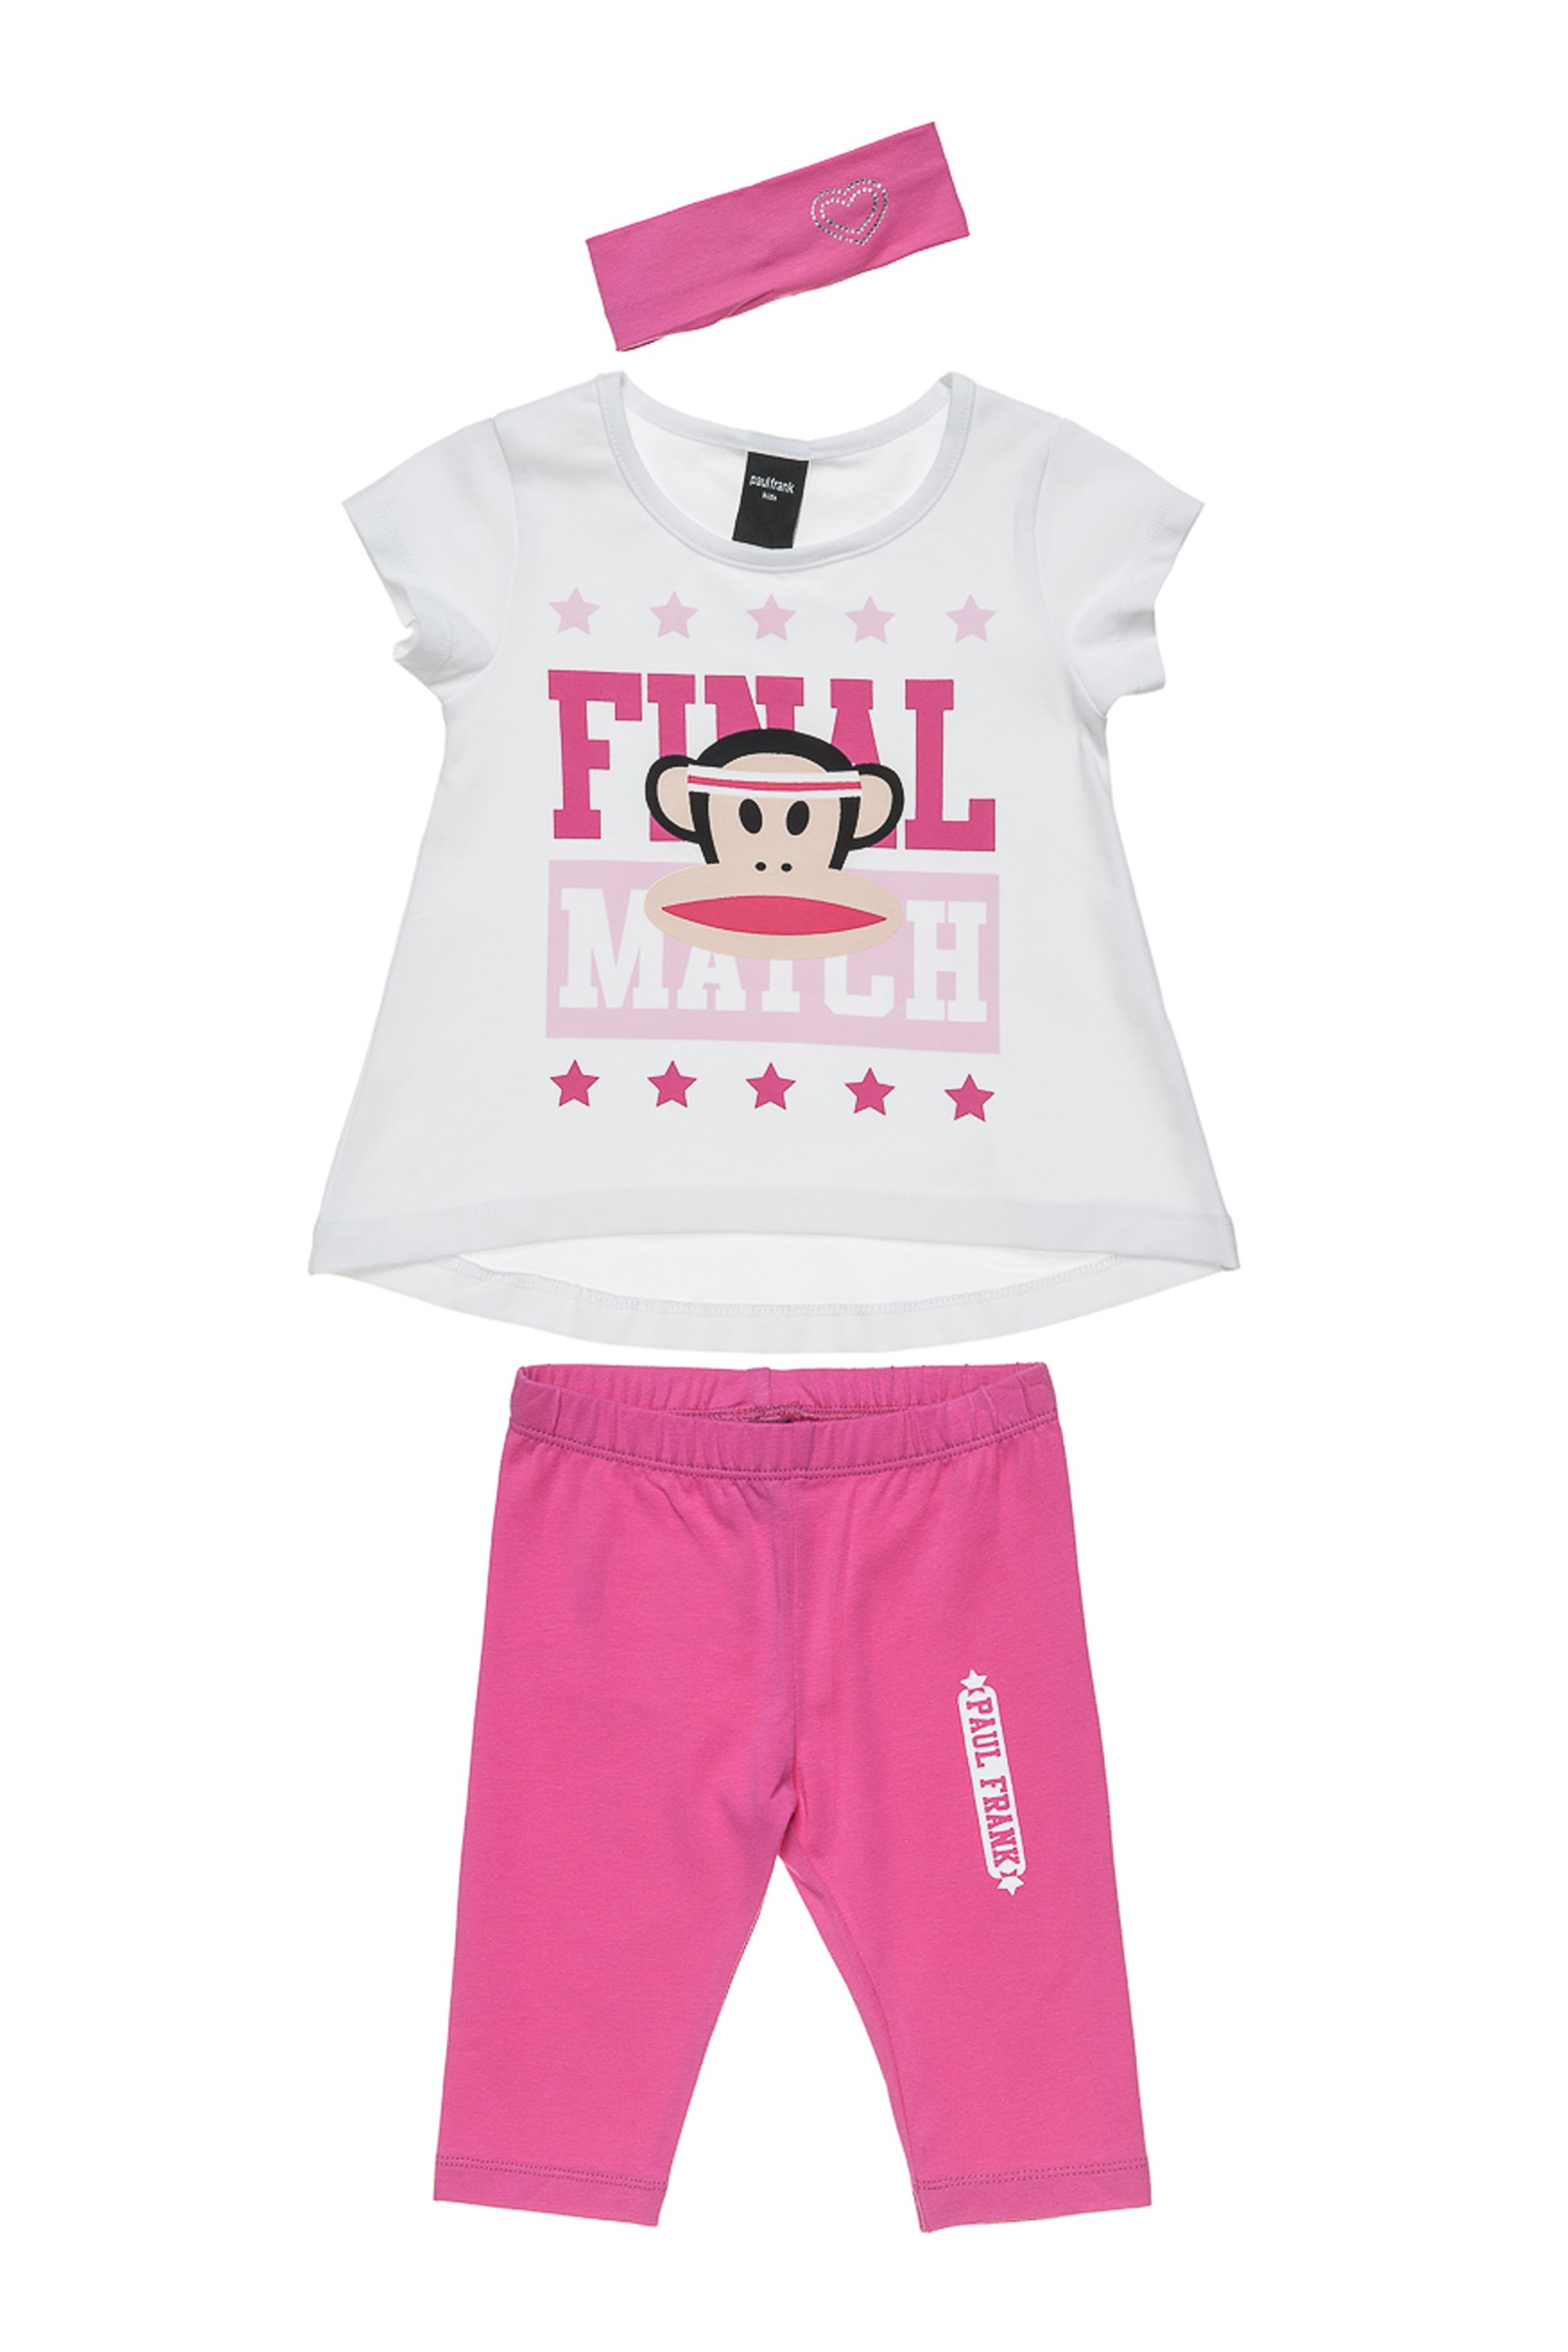 Παιδικό σετ (12 μηνών-5 ετών) Paul Frank Collection - 00370487 - Λευκό παιδι   βρεφικα κοριτσι   0 3 ετων   κοριτσι   4 14 ετων   σετ ρούχων   ρούχα